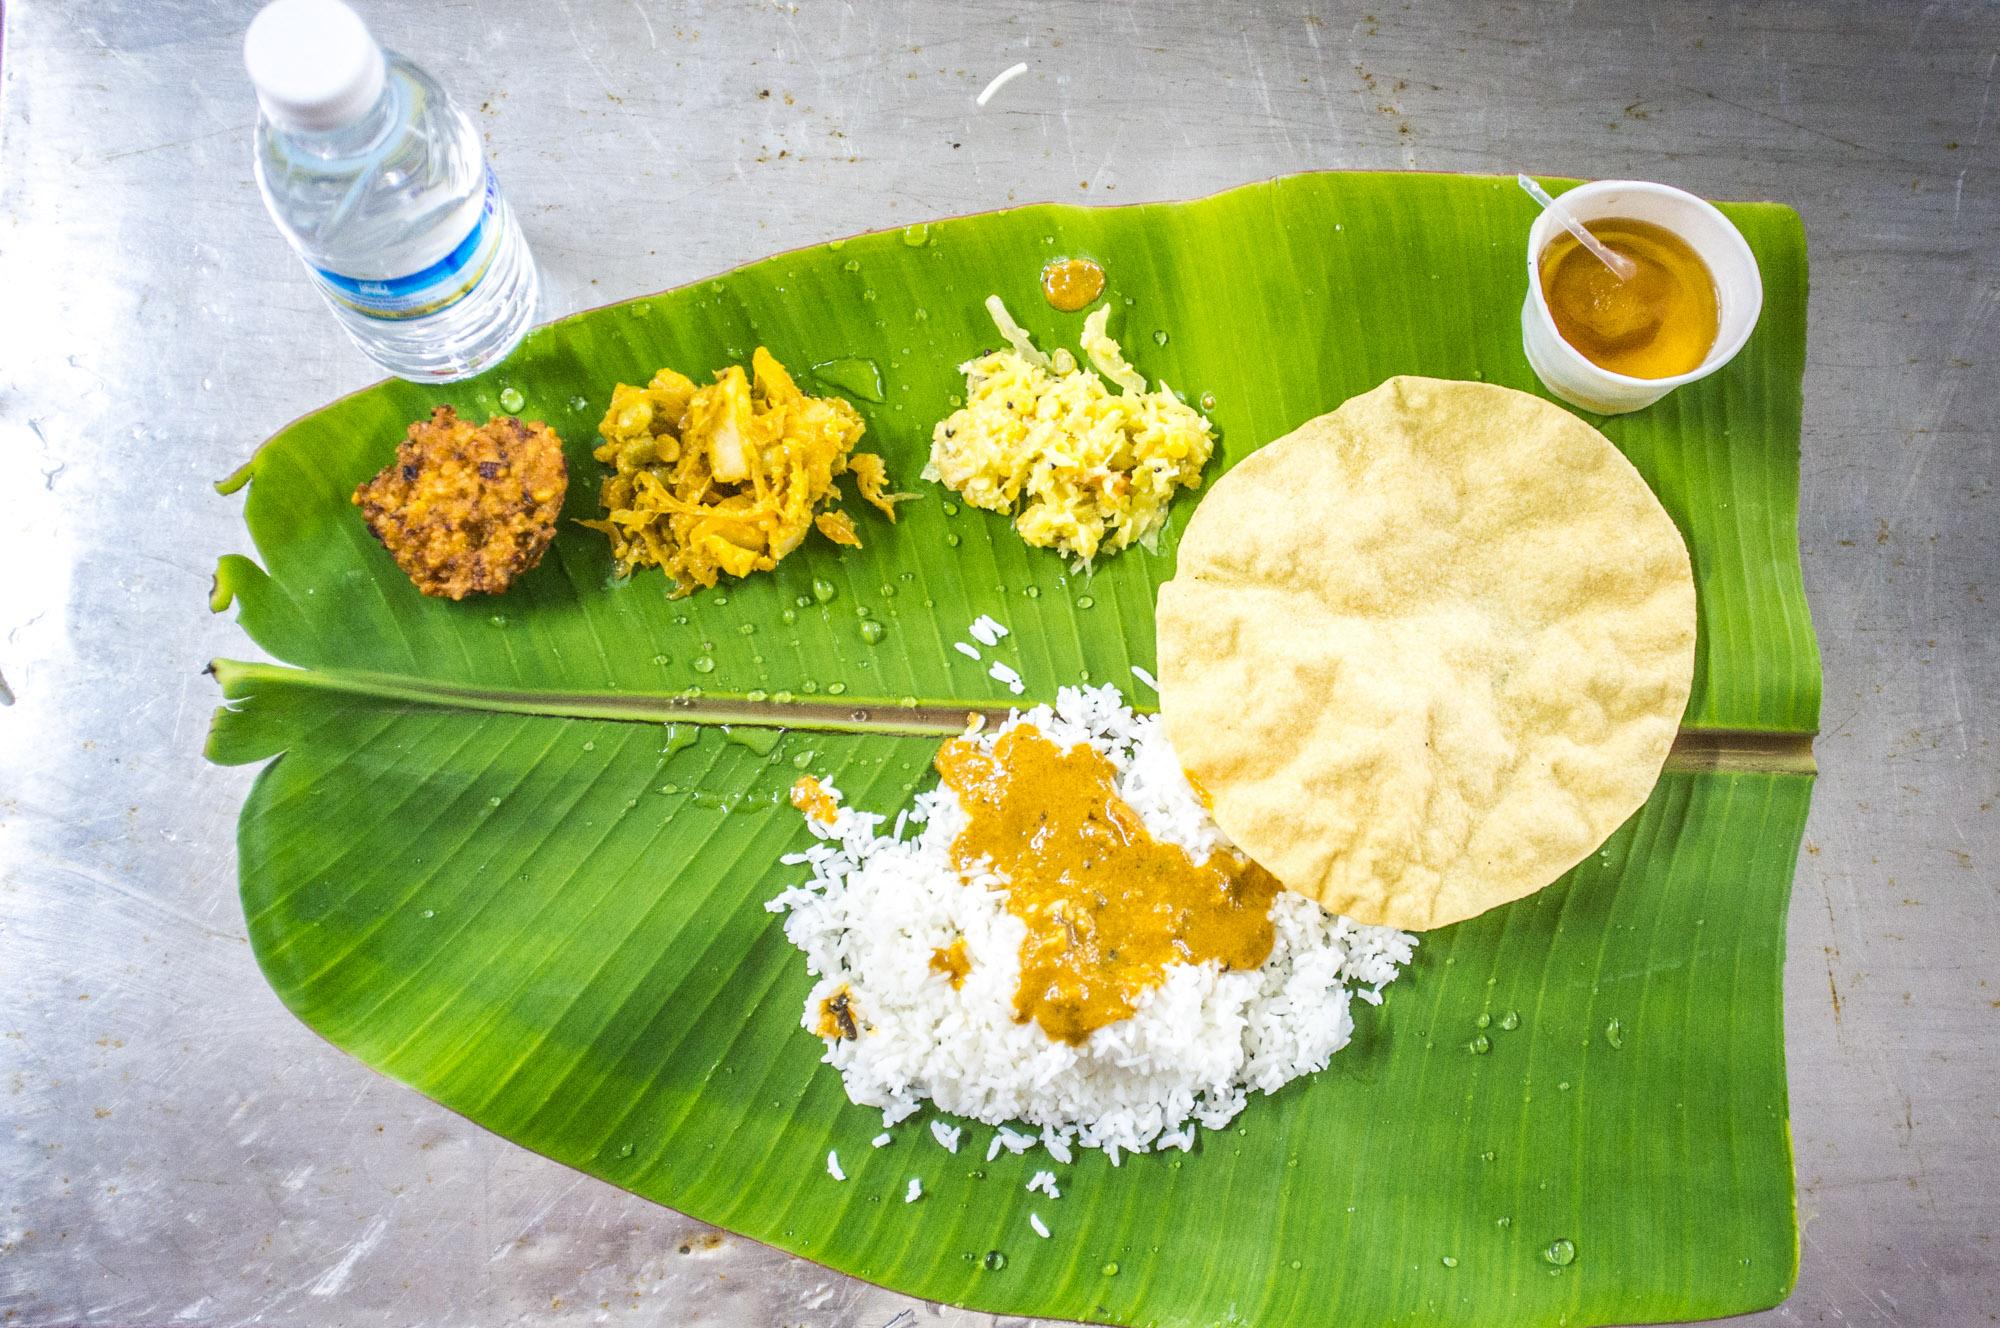 tamil | auroblog tamil | ein jahr weltwärts in südindien - Tamilische Küche